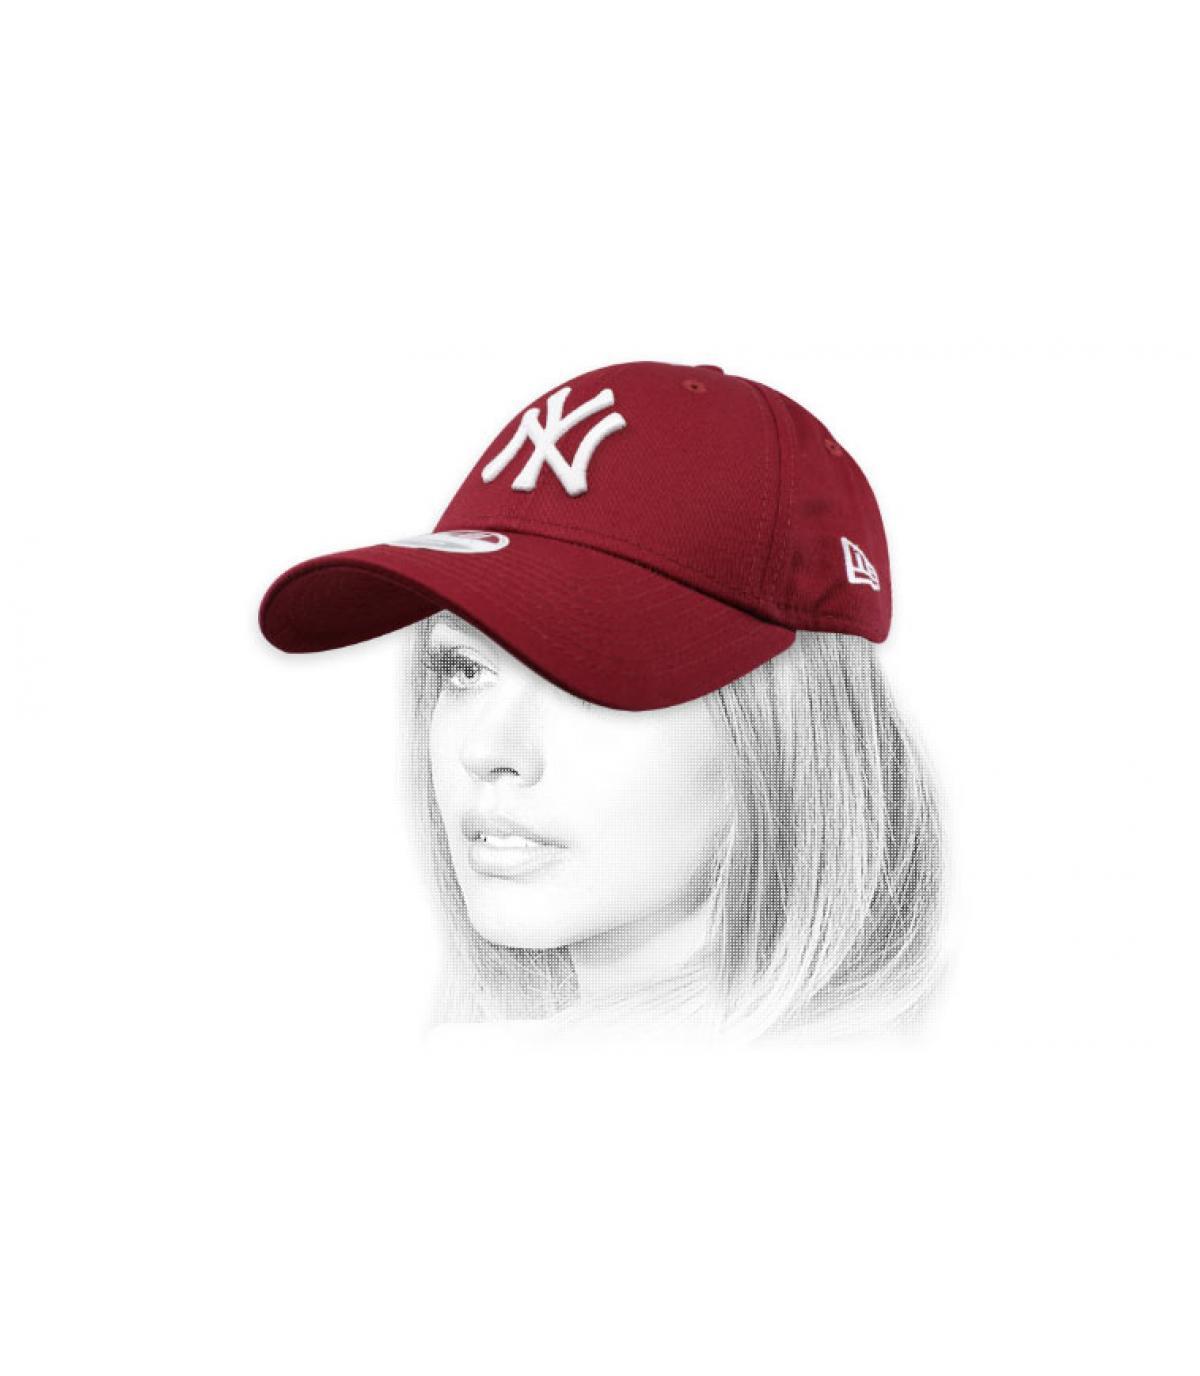 casquette femme NY bordeaux